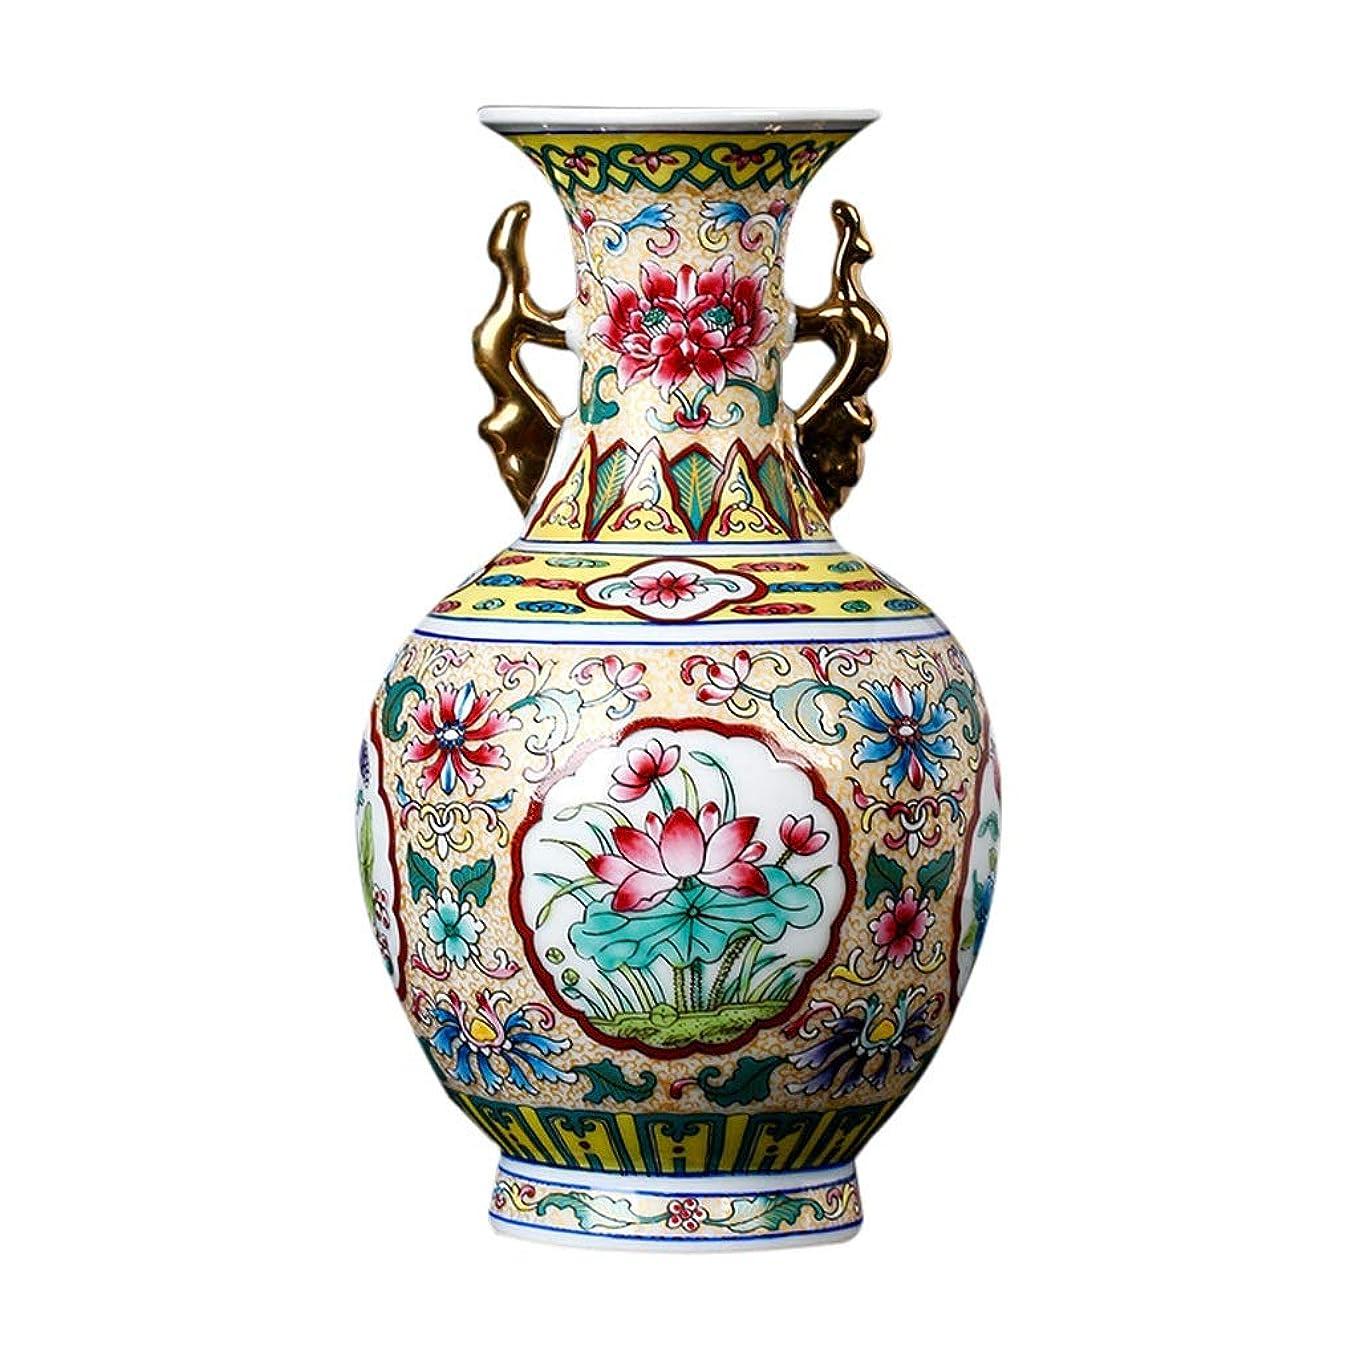 ラショナルベスト深める花器 装飾芸術ホーム世帯ウェディングリビングルームベッドルームオフィス表イエロー13×24 CMのクラシック花瓶セラミッククリエイティブハイグレード 花瓶